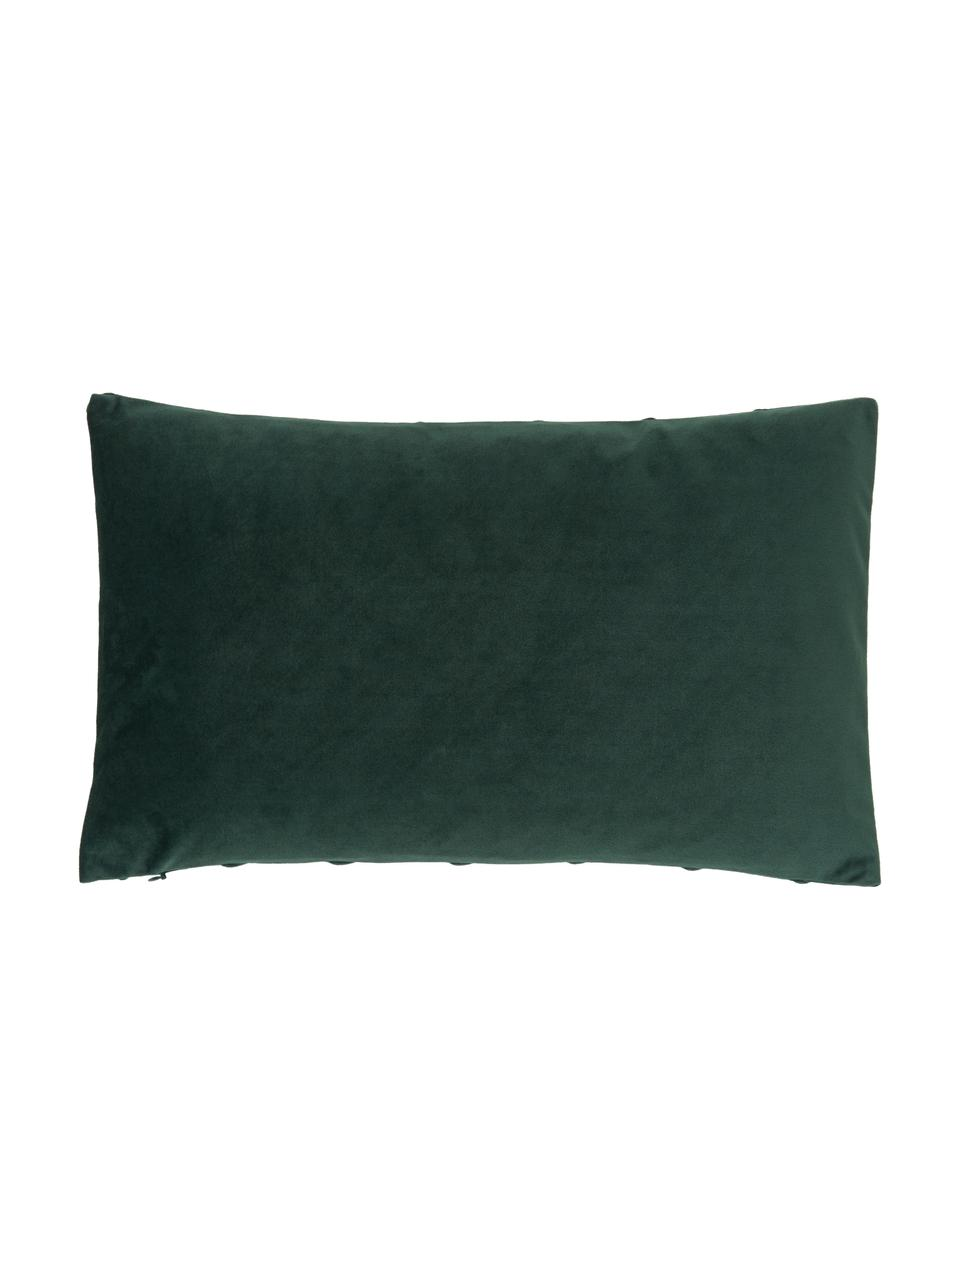 Housse de coussin en velours vert foncé Leyla, Vert